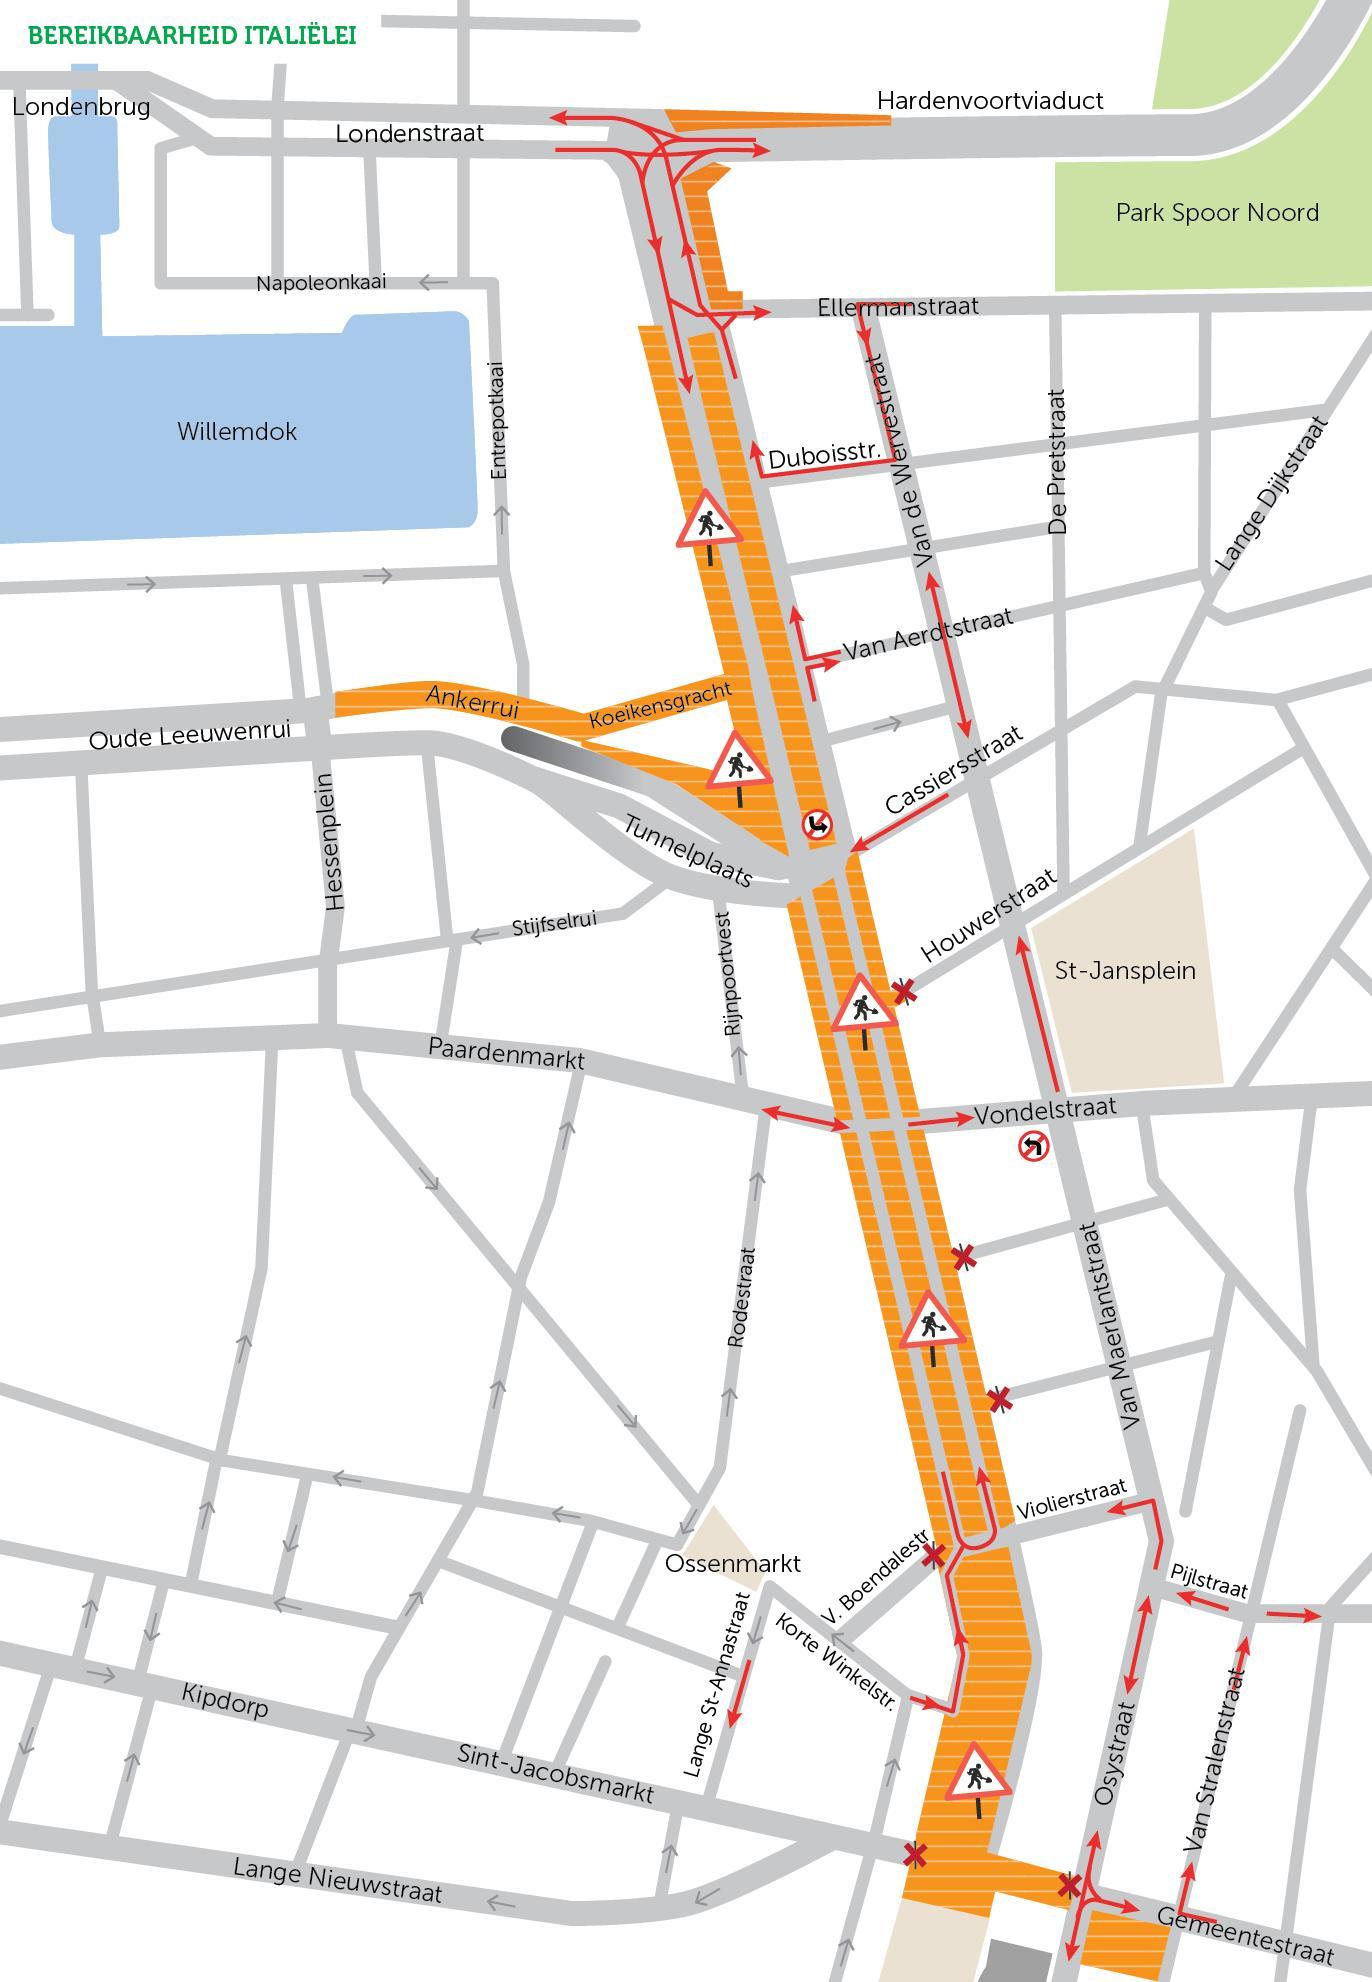 Bereikbaarheidskaart Italiëlei en omgeving voor autoverkeer